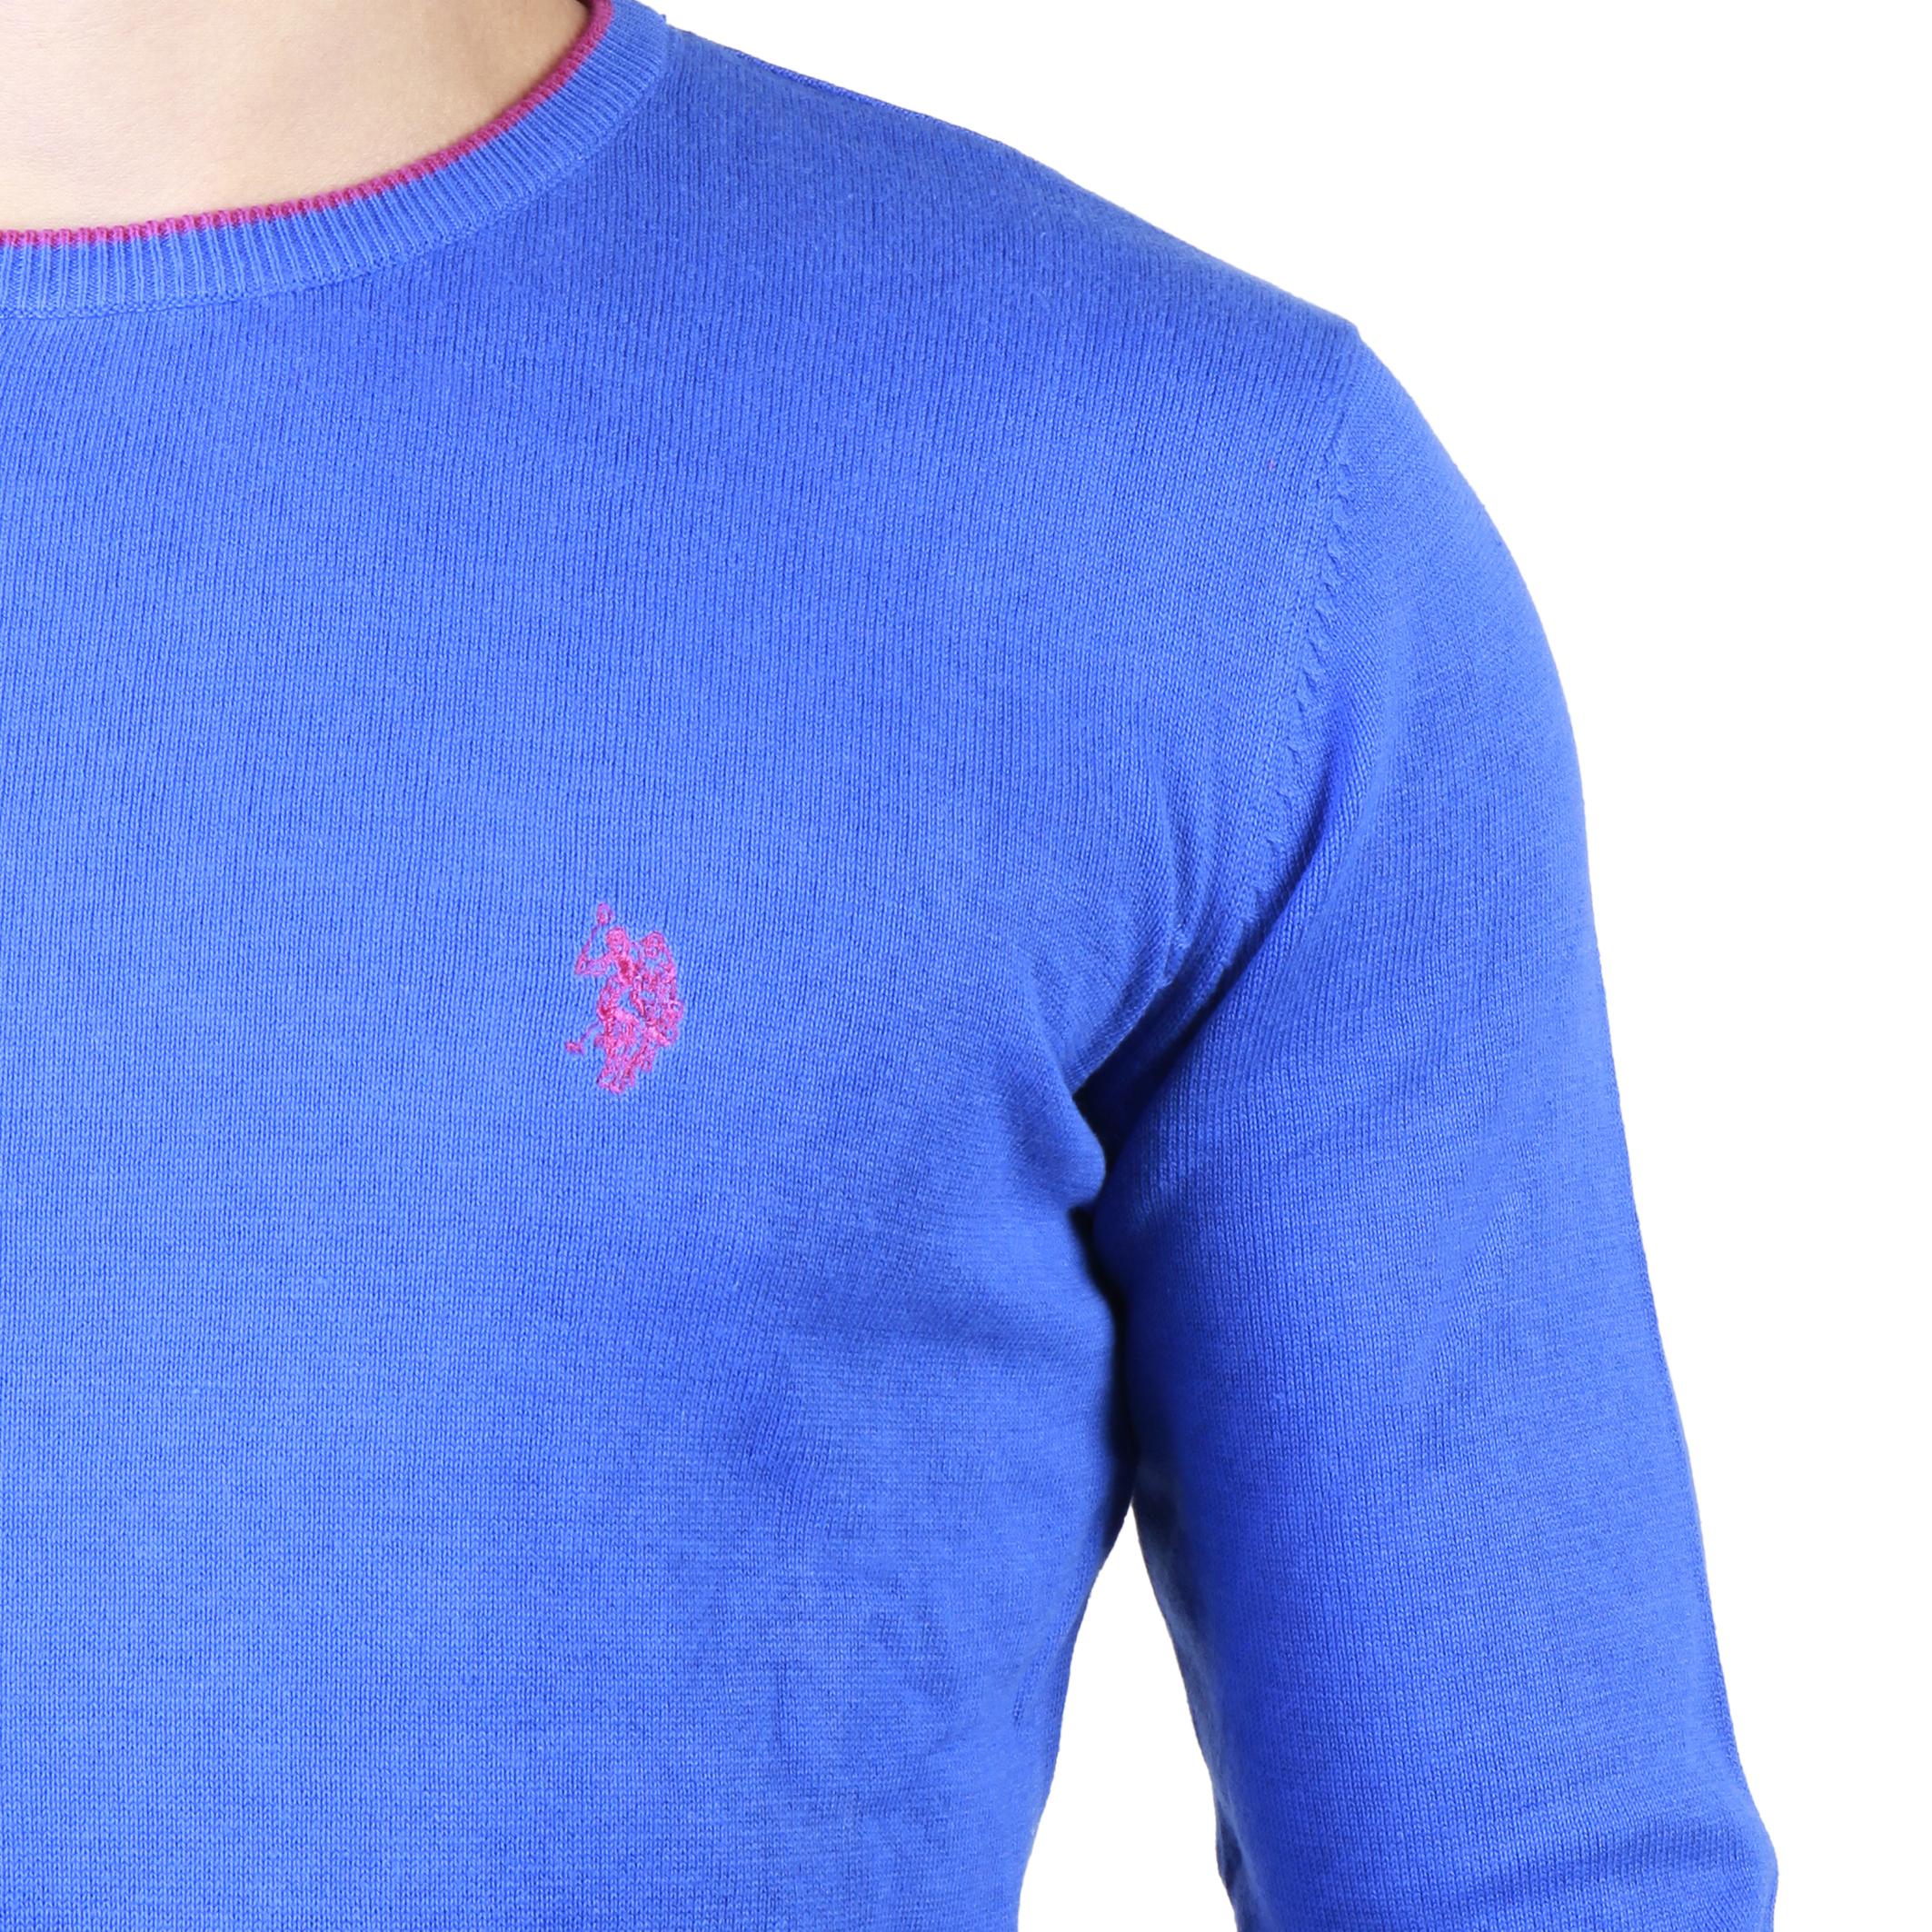 Pulls  U.S. Polo 49810_50357 blue